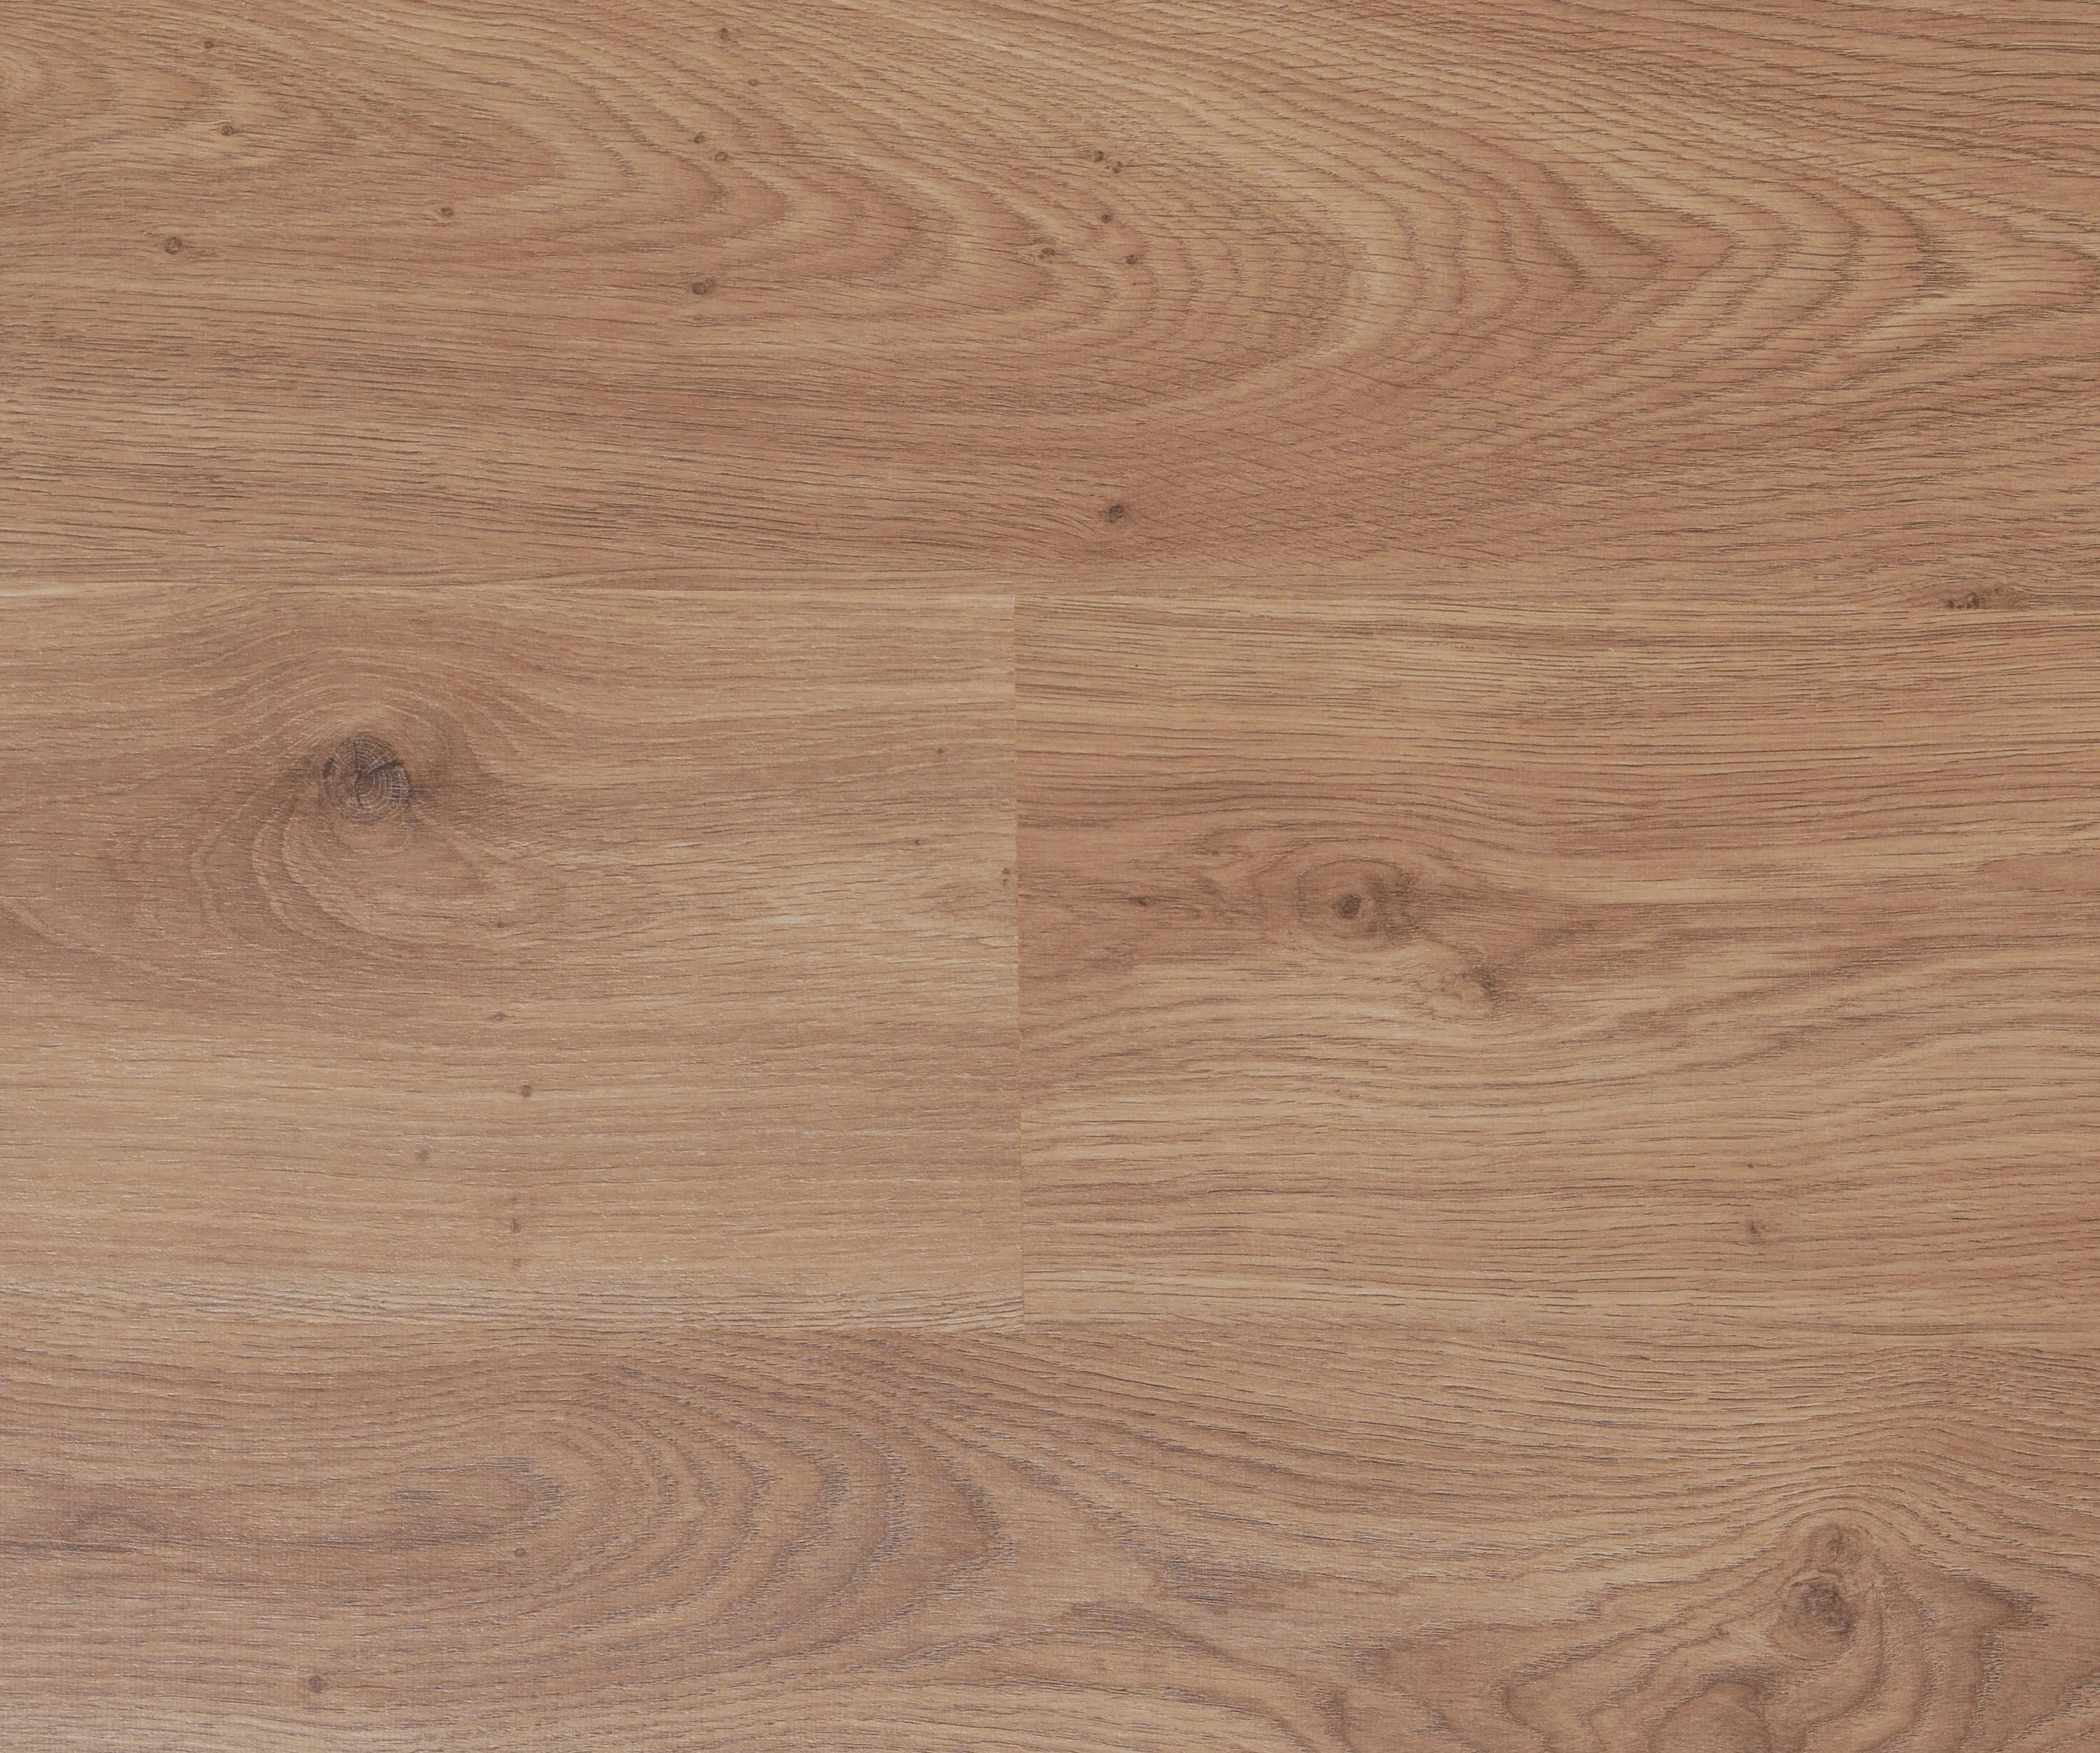 Sun Floors Imports- QSTLC- Verdelho Oak